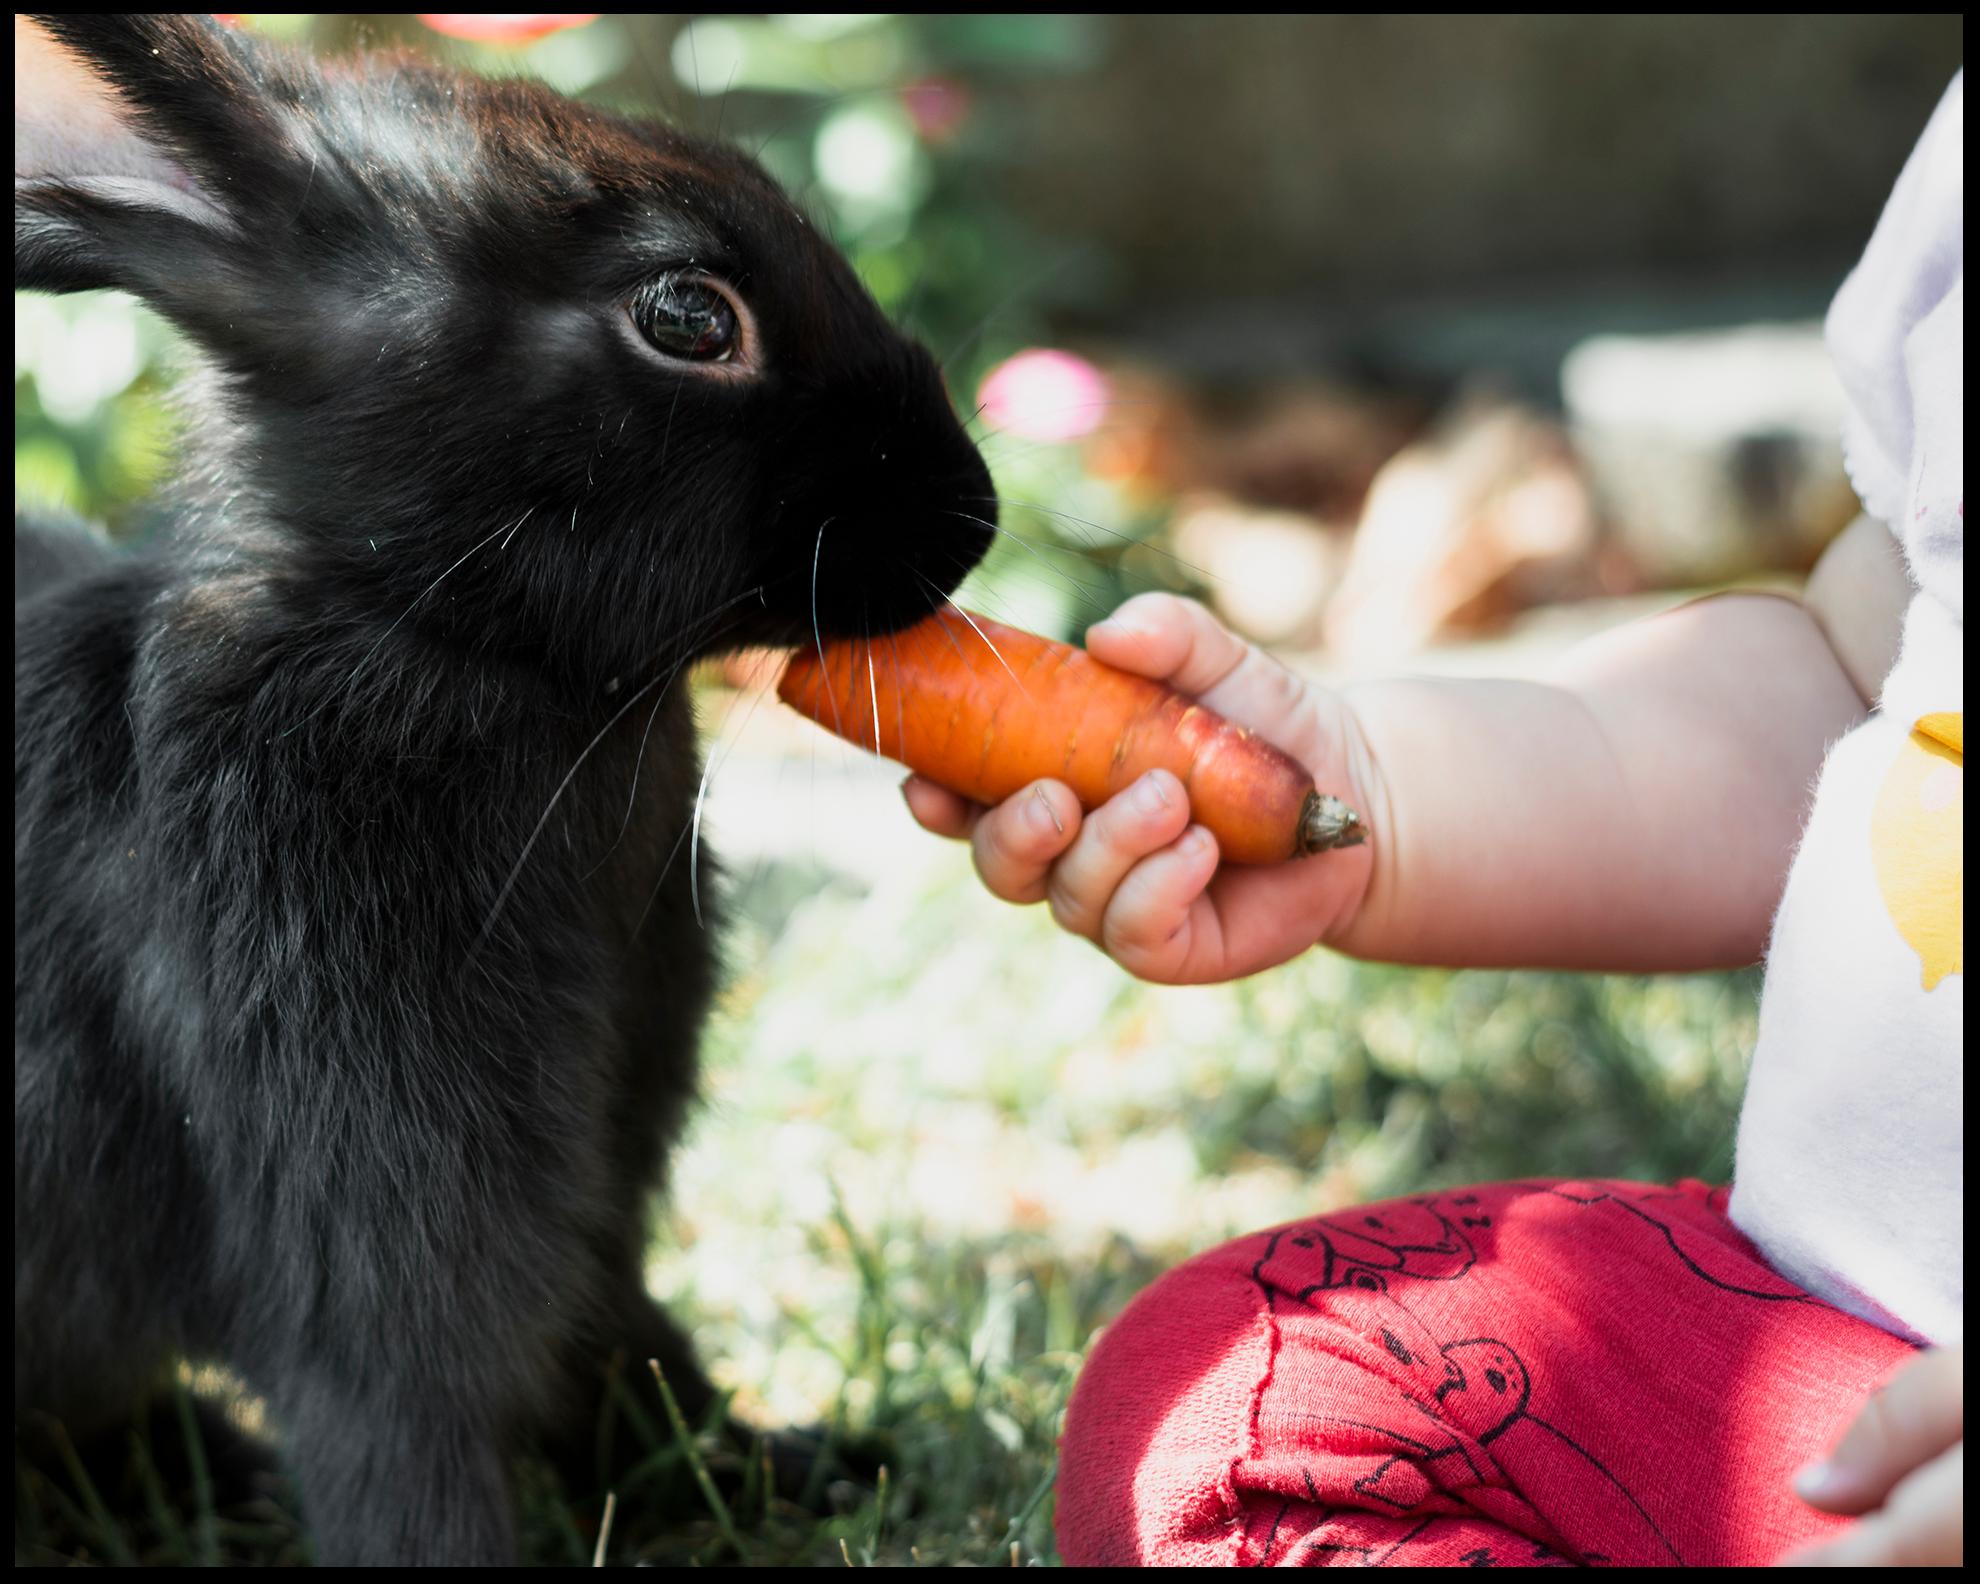 Un jeune enfant donne une carotte a un lapin